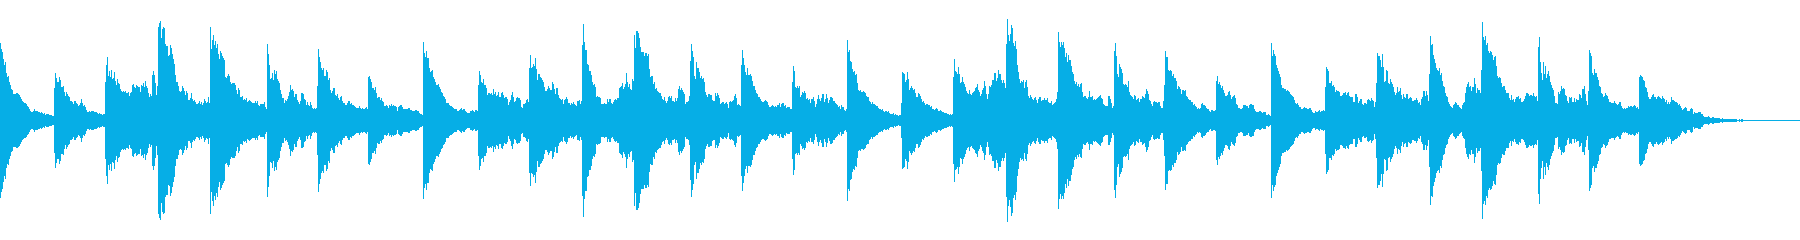 ノスタルジックな場面のハーモニカの再生済みの波形